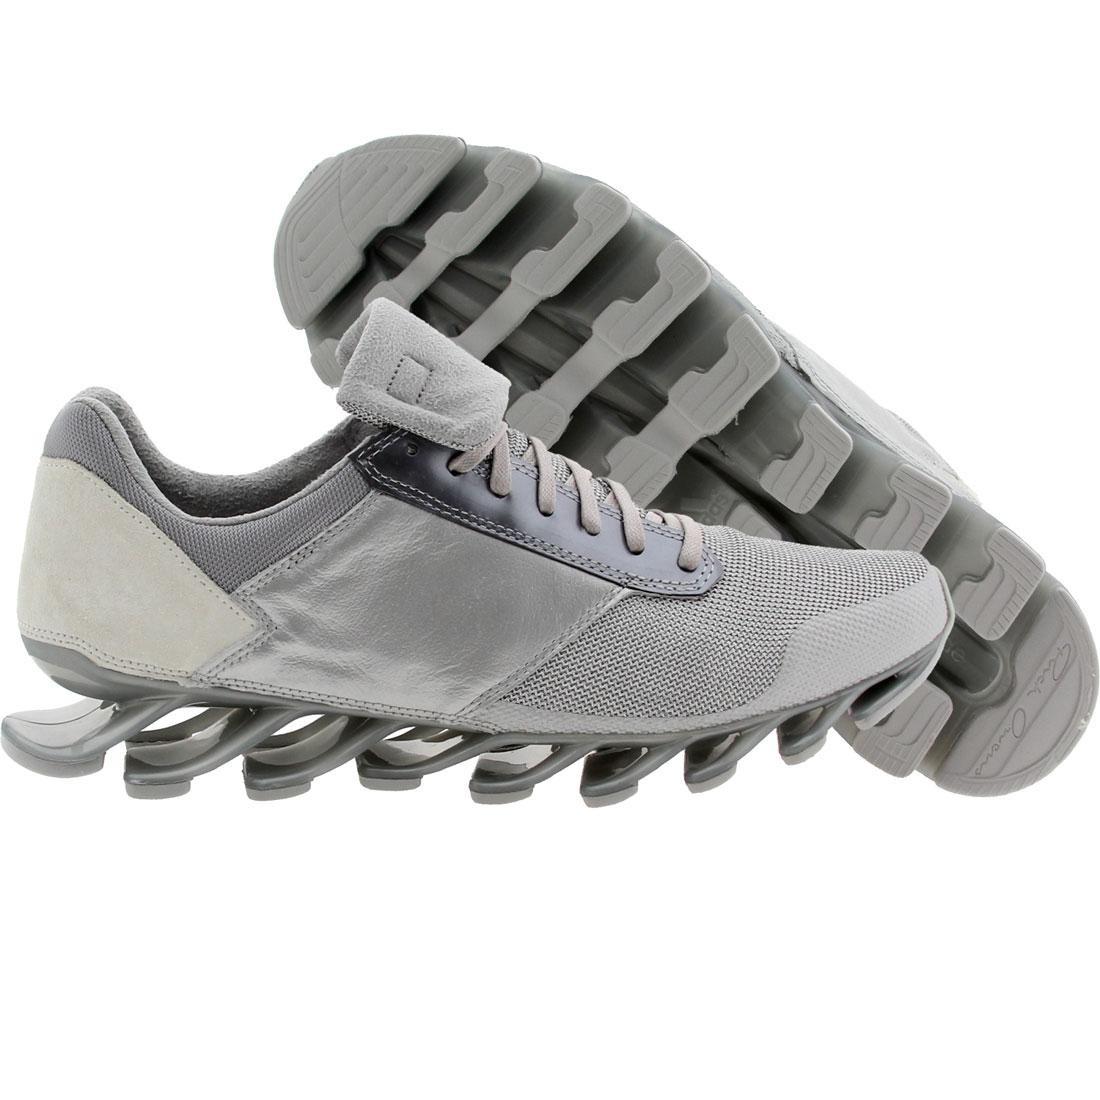 【海外限定】アディダス 銀色 シルバー メンズ靴 靴 【 ADIDAS SILVER X RICK OWENS MEN SPRINGBLADE LOW MET 】